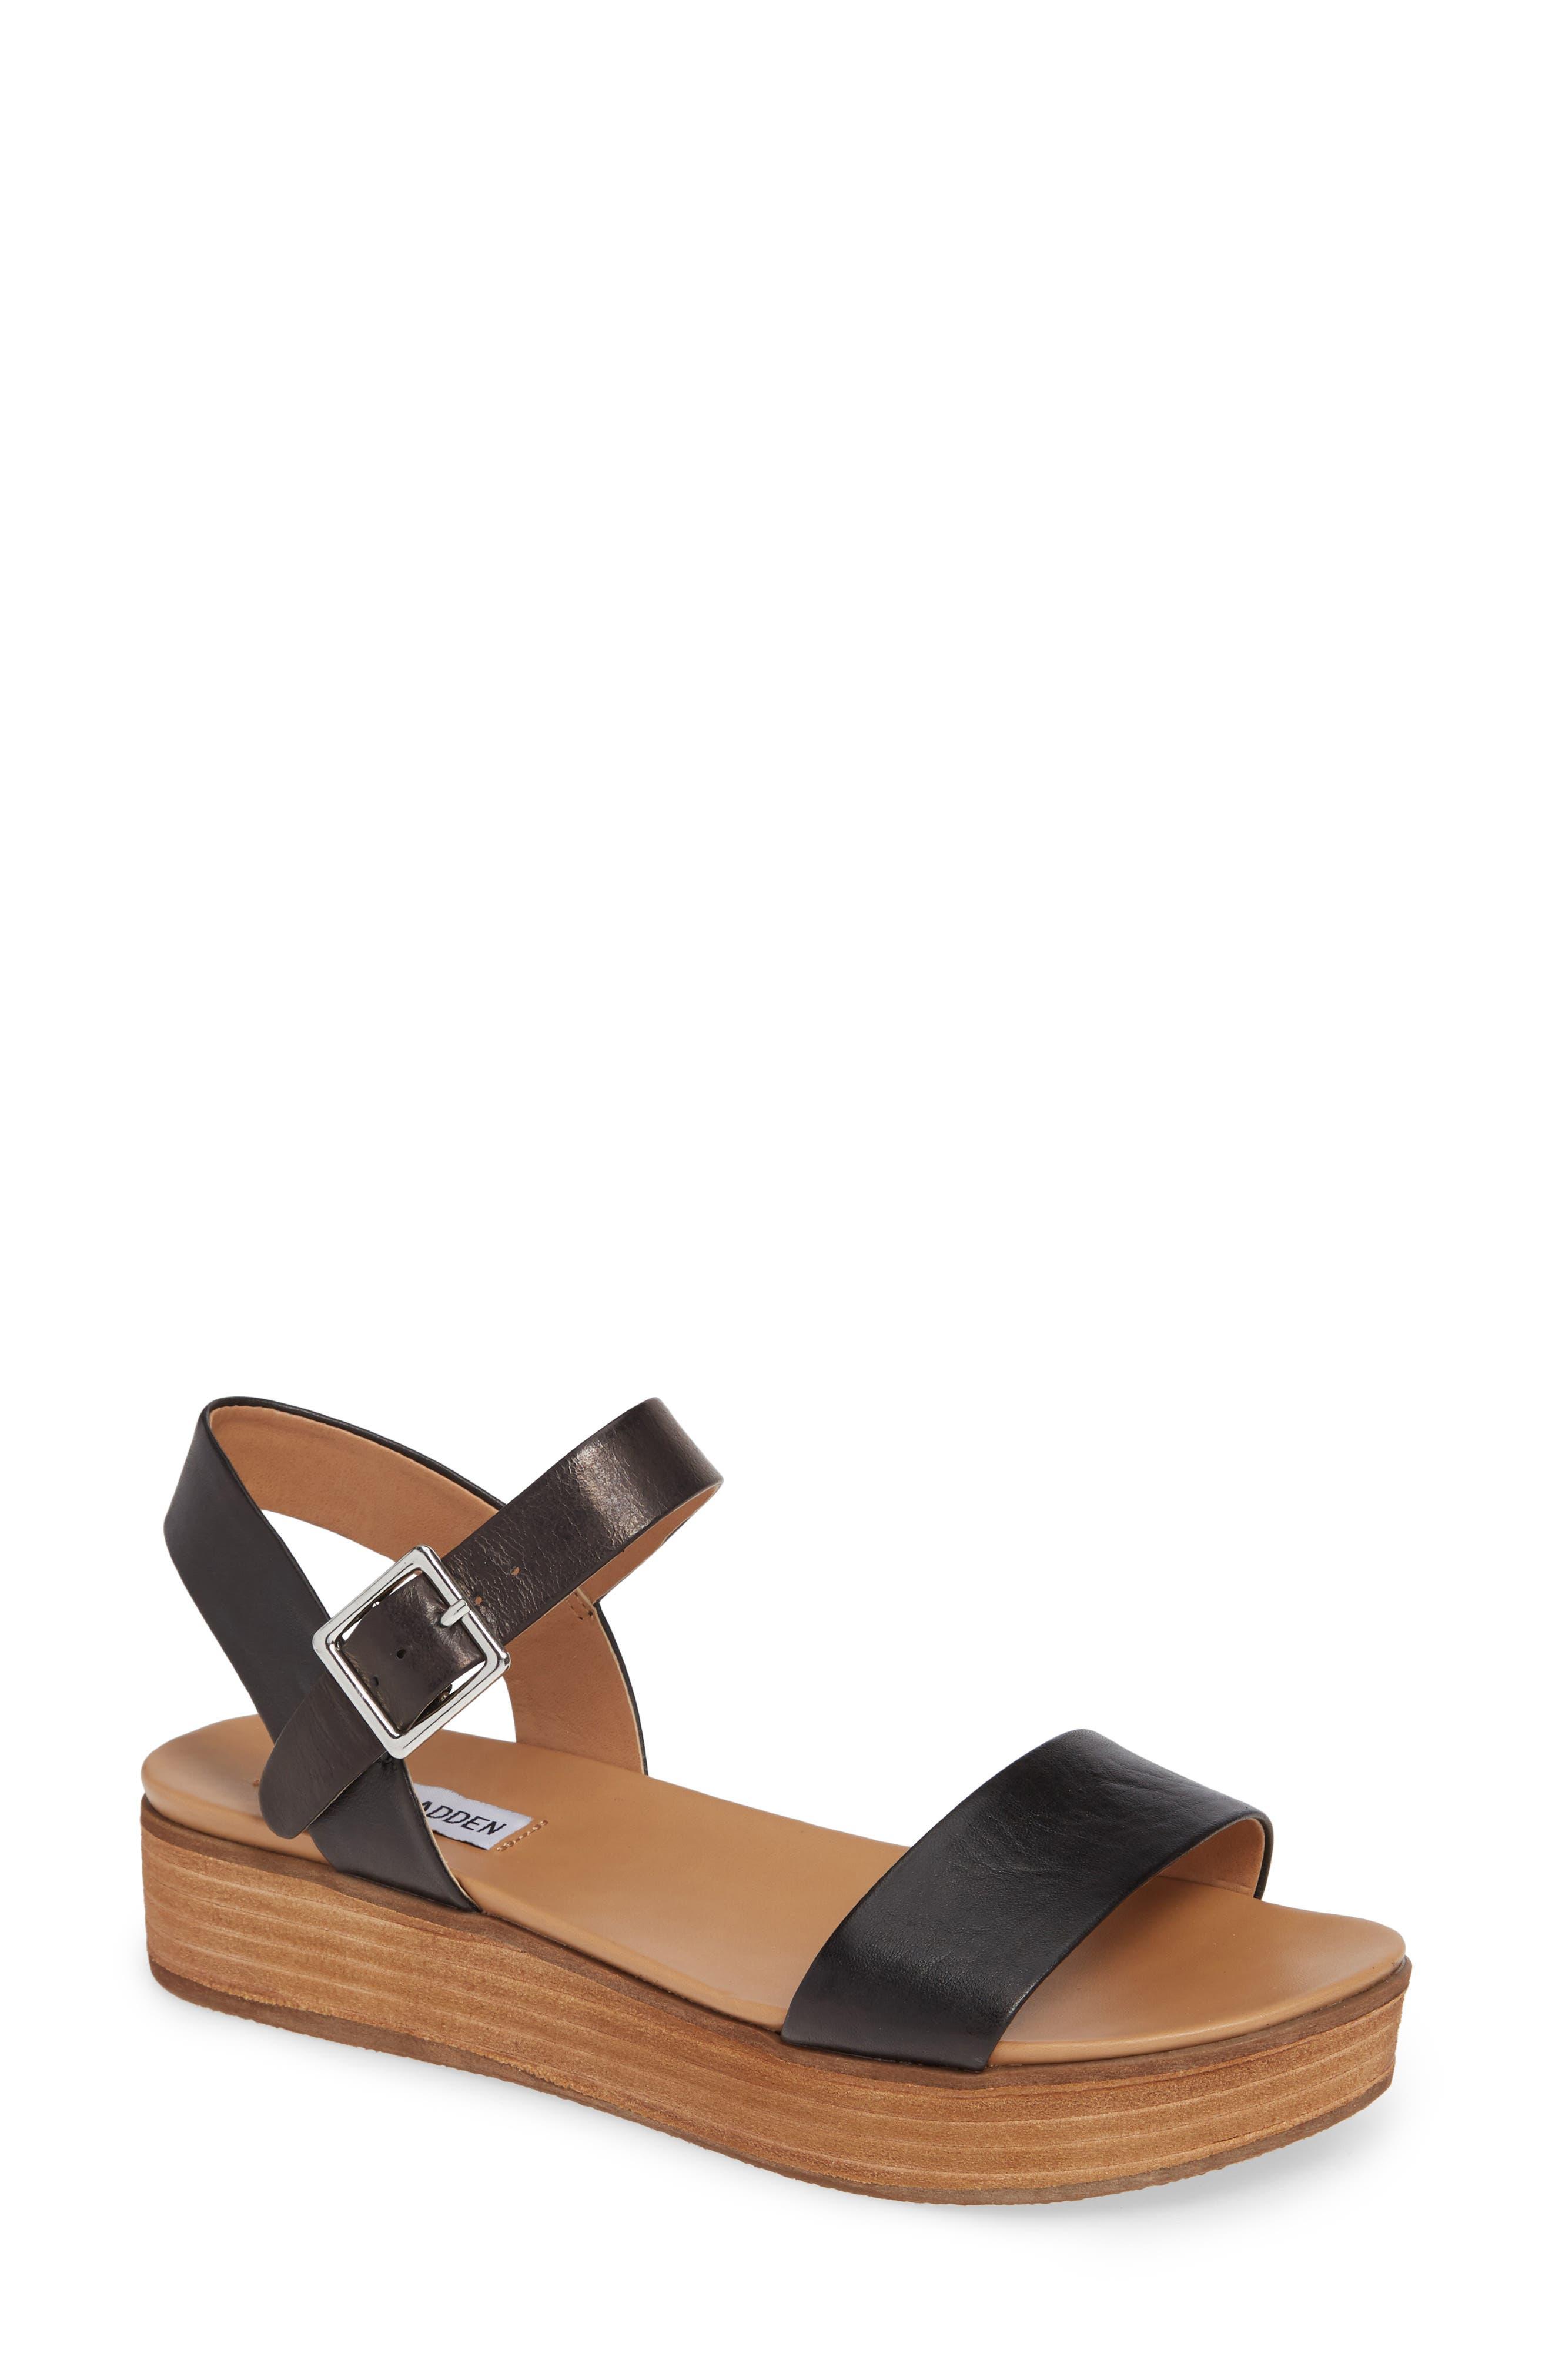 STEVE MADDEN Aida Platform Sandal, Main, color, BLACK LEATHER